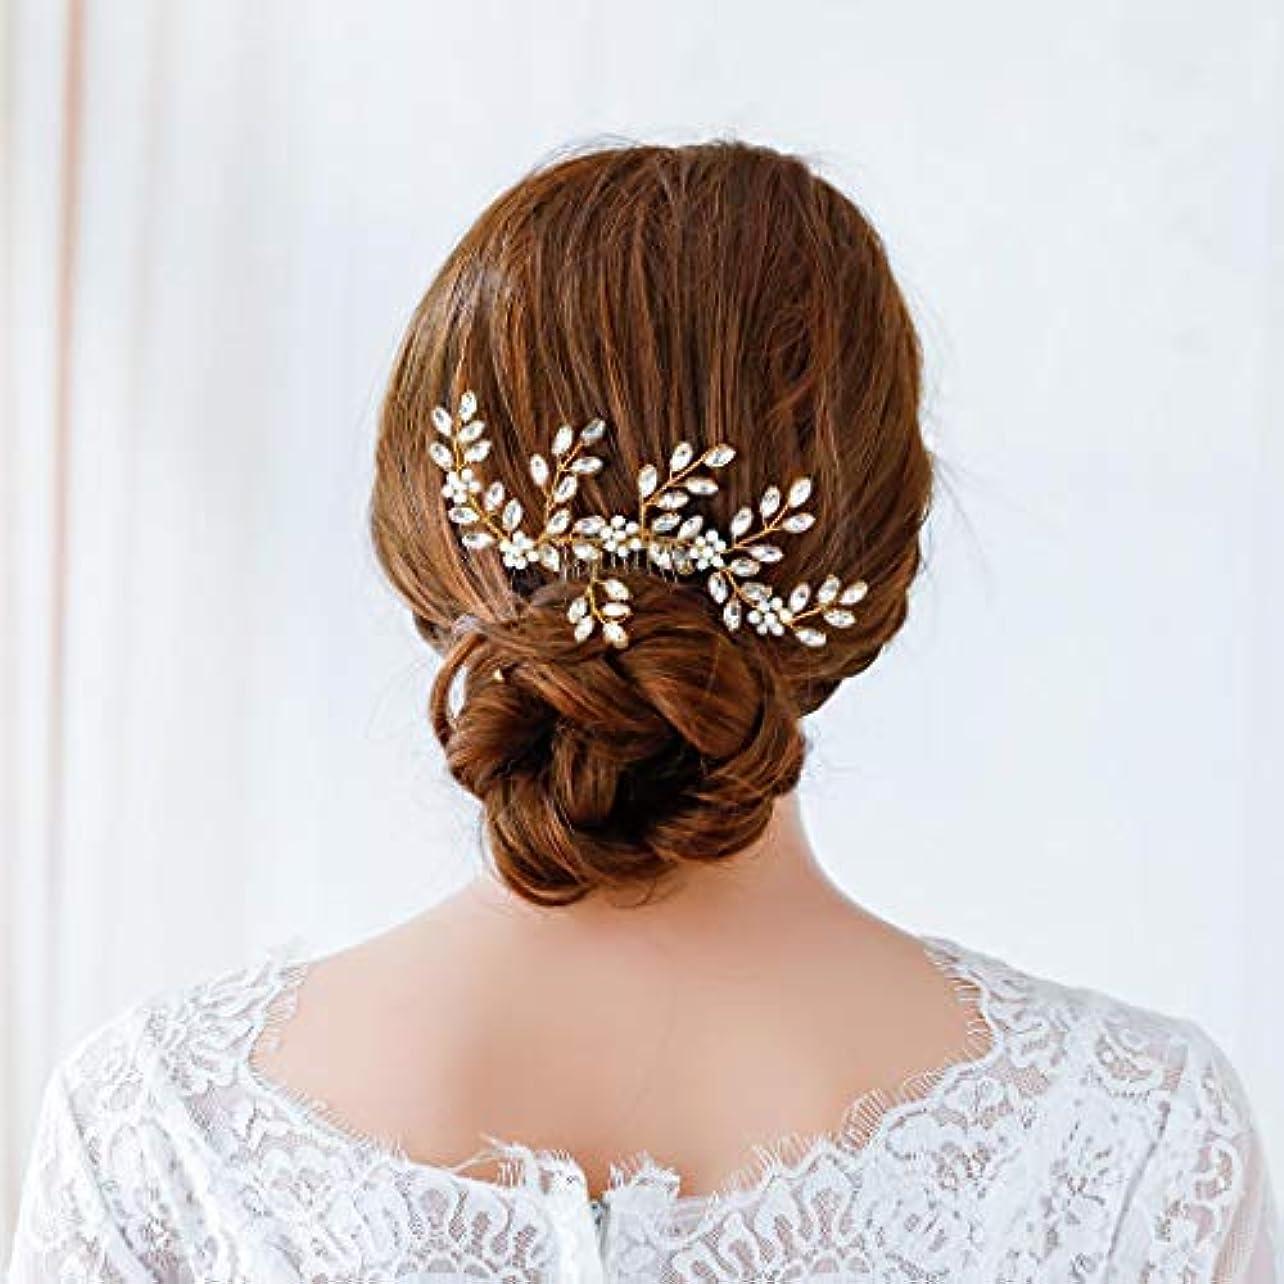 支配する警察下るJovono Bride Wedding Hair Comb Bridal Crystal Hair Accessories Beaded Headpieces for Women and Girls (Gold) [並行輸入品]